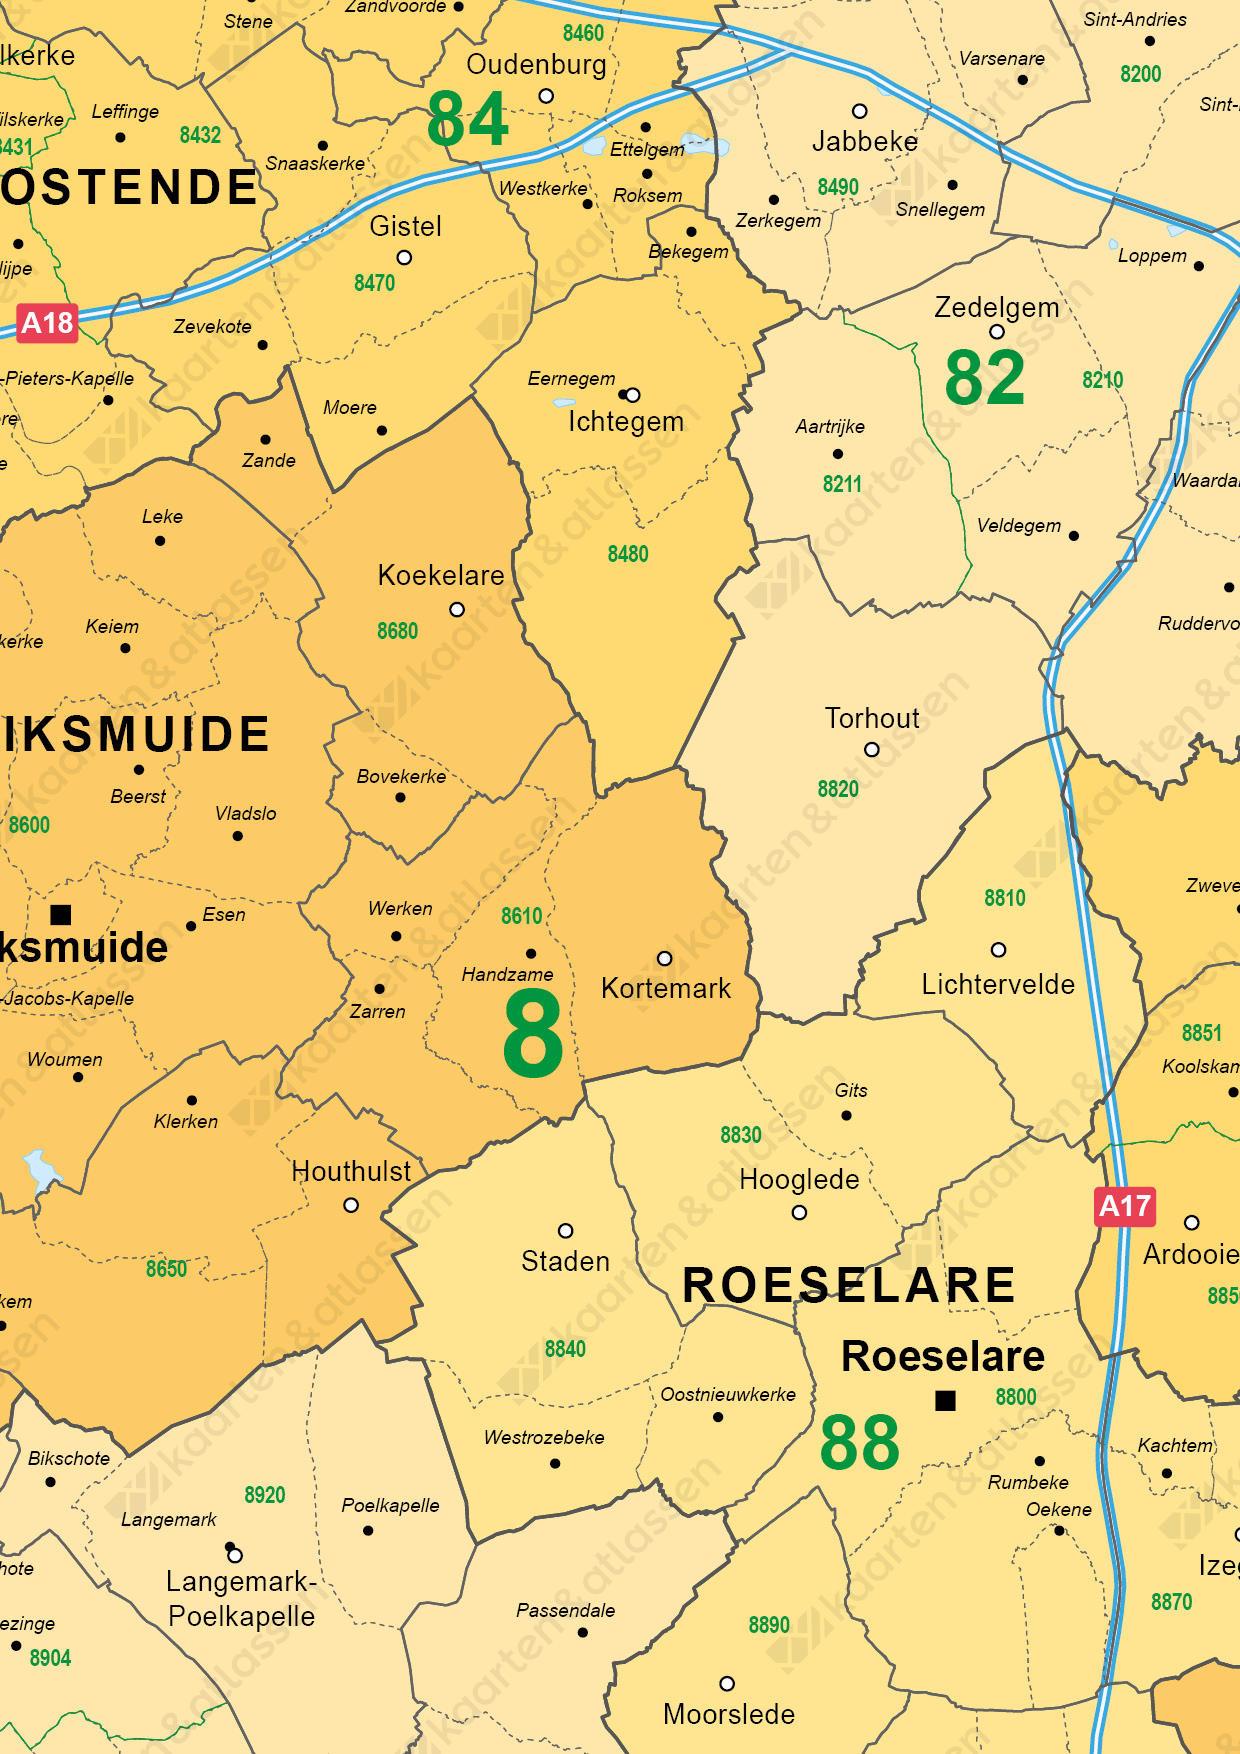 postcode/ gemeente kaart West-Vlaanderen